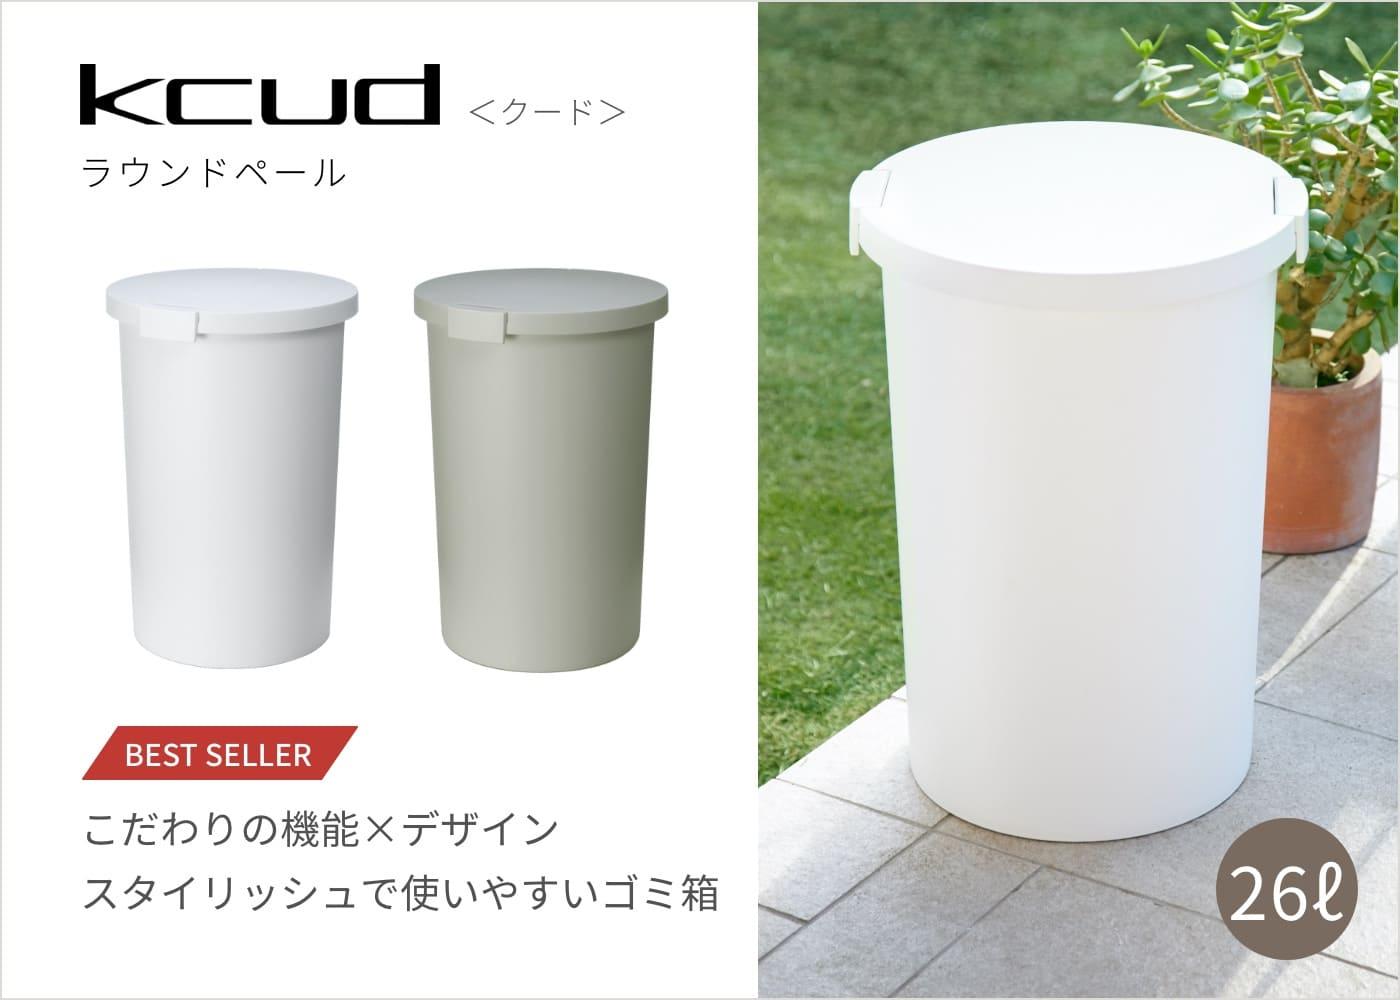 kcudラウンドペール「こだわりの機能✕デザイン。スタイリッシュで使いやすいゴミ箱」